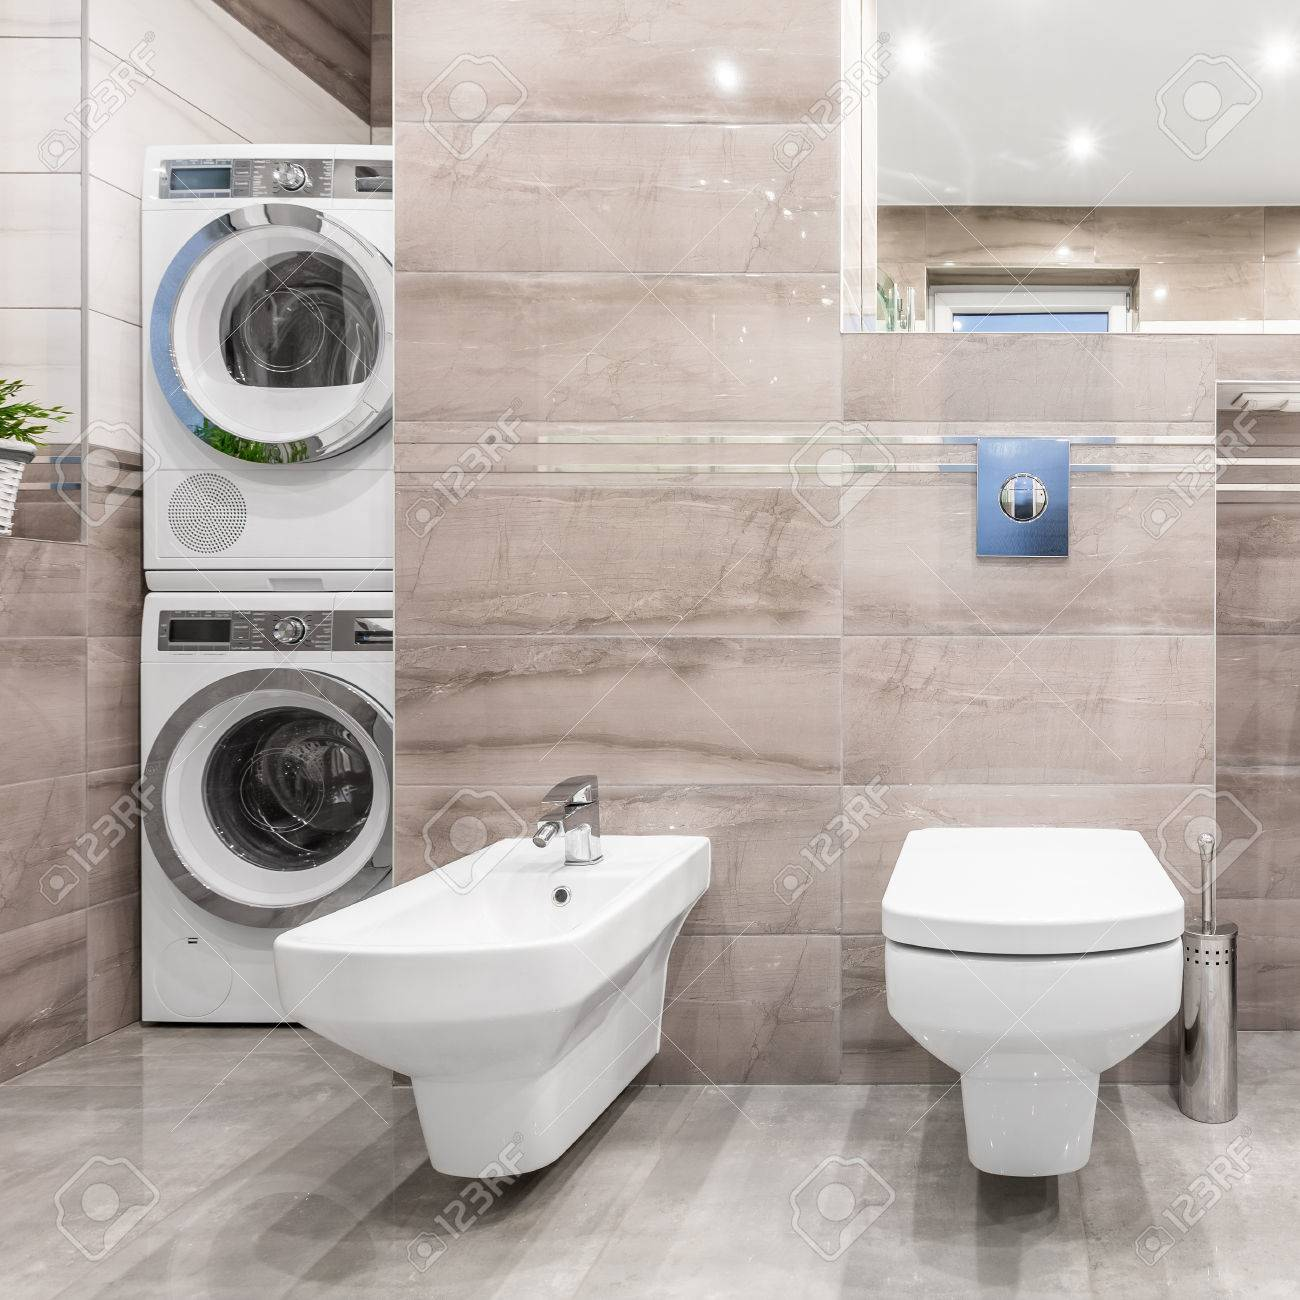 Hochglanz Bad Mit WC, Bidet, Waschmaschine Und Wäschetrockner Standard Bild    67092890